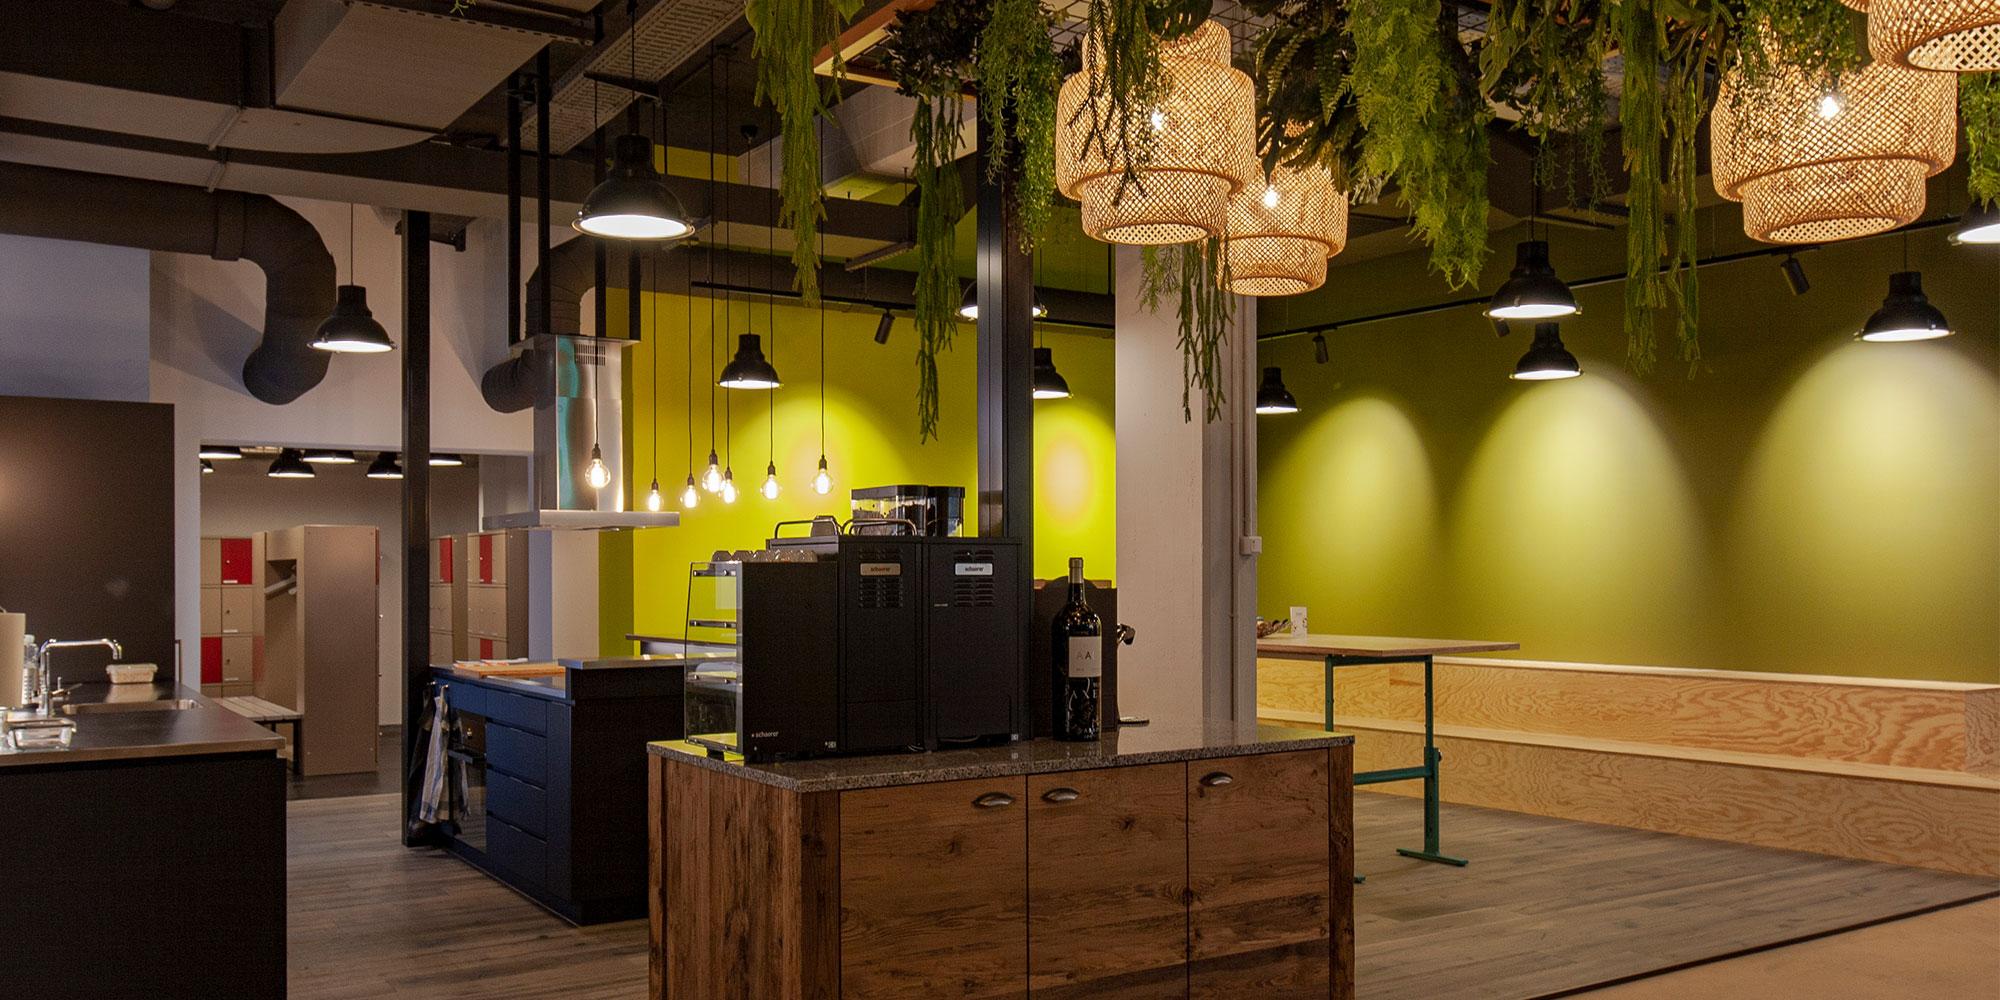 Die Küche und den Aufenthaltsraum wurden mit dekorativen Pendelleuchten aus Bambus passend zum Junglelook Ausserdem trendige Industrie Pendelleuchten wurden als Kontrast eingesetzt. Stromschienenstrahler beleuchtet die olivgrünen Wände.